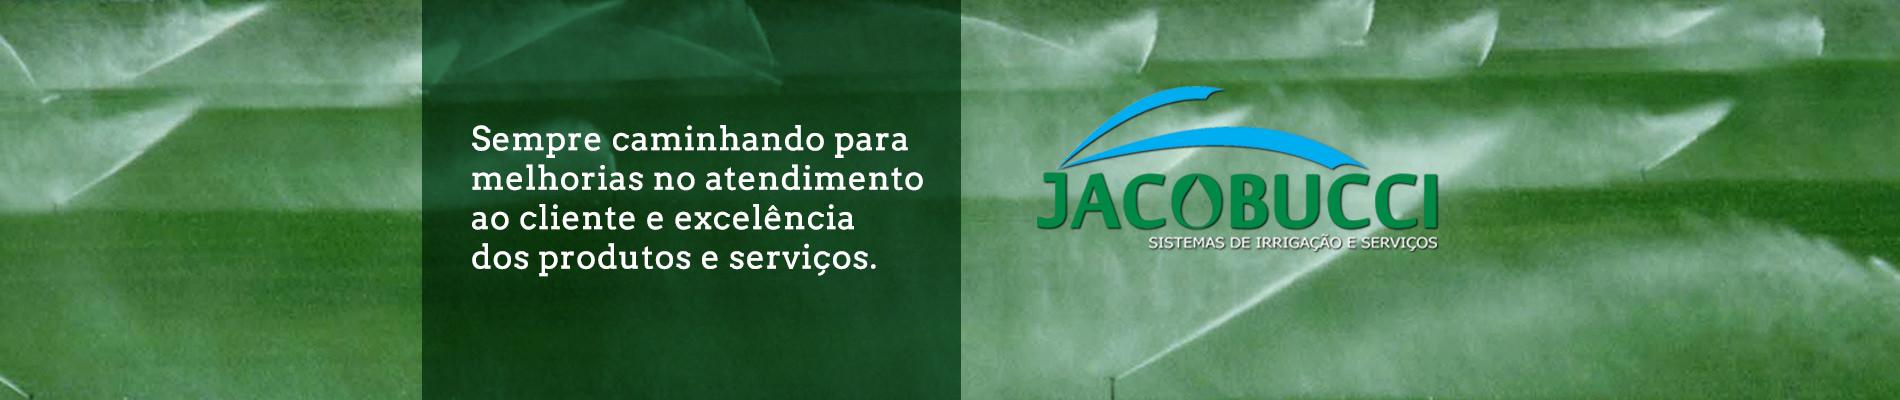 Jacobucci sempre caminhando para as melhorias